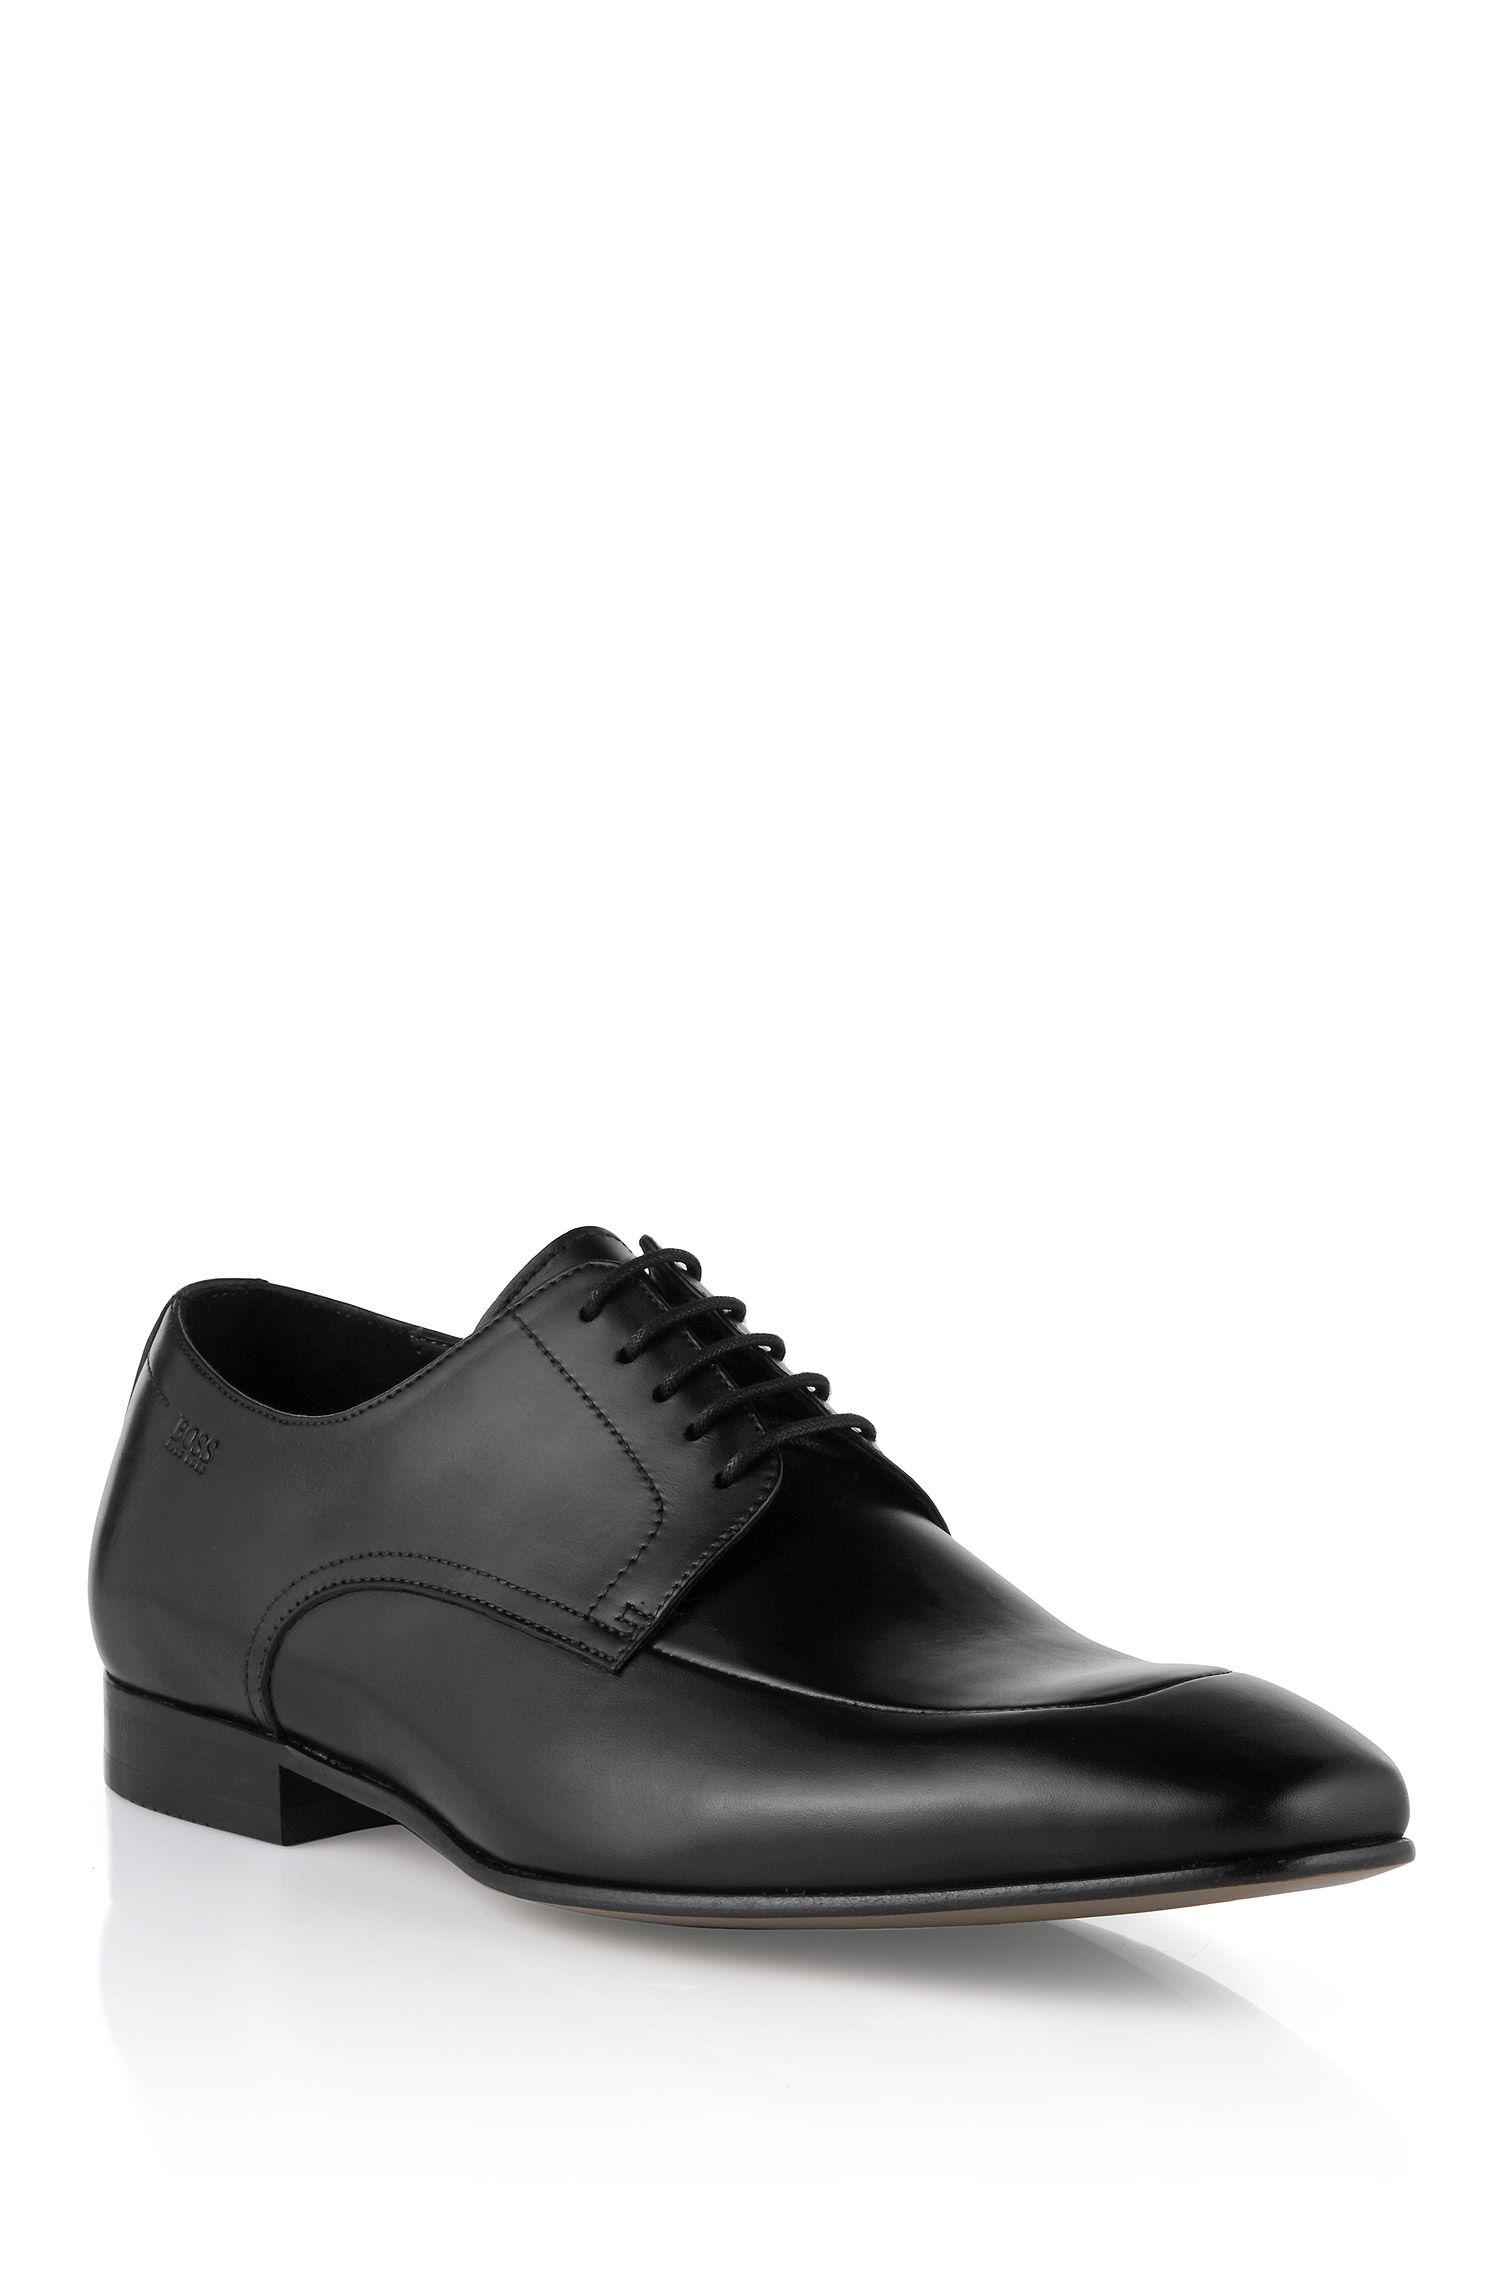 Chaussures à lacets en cuir de vachette, Metris